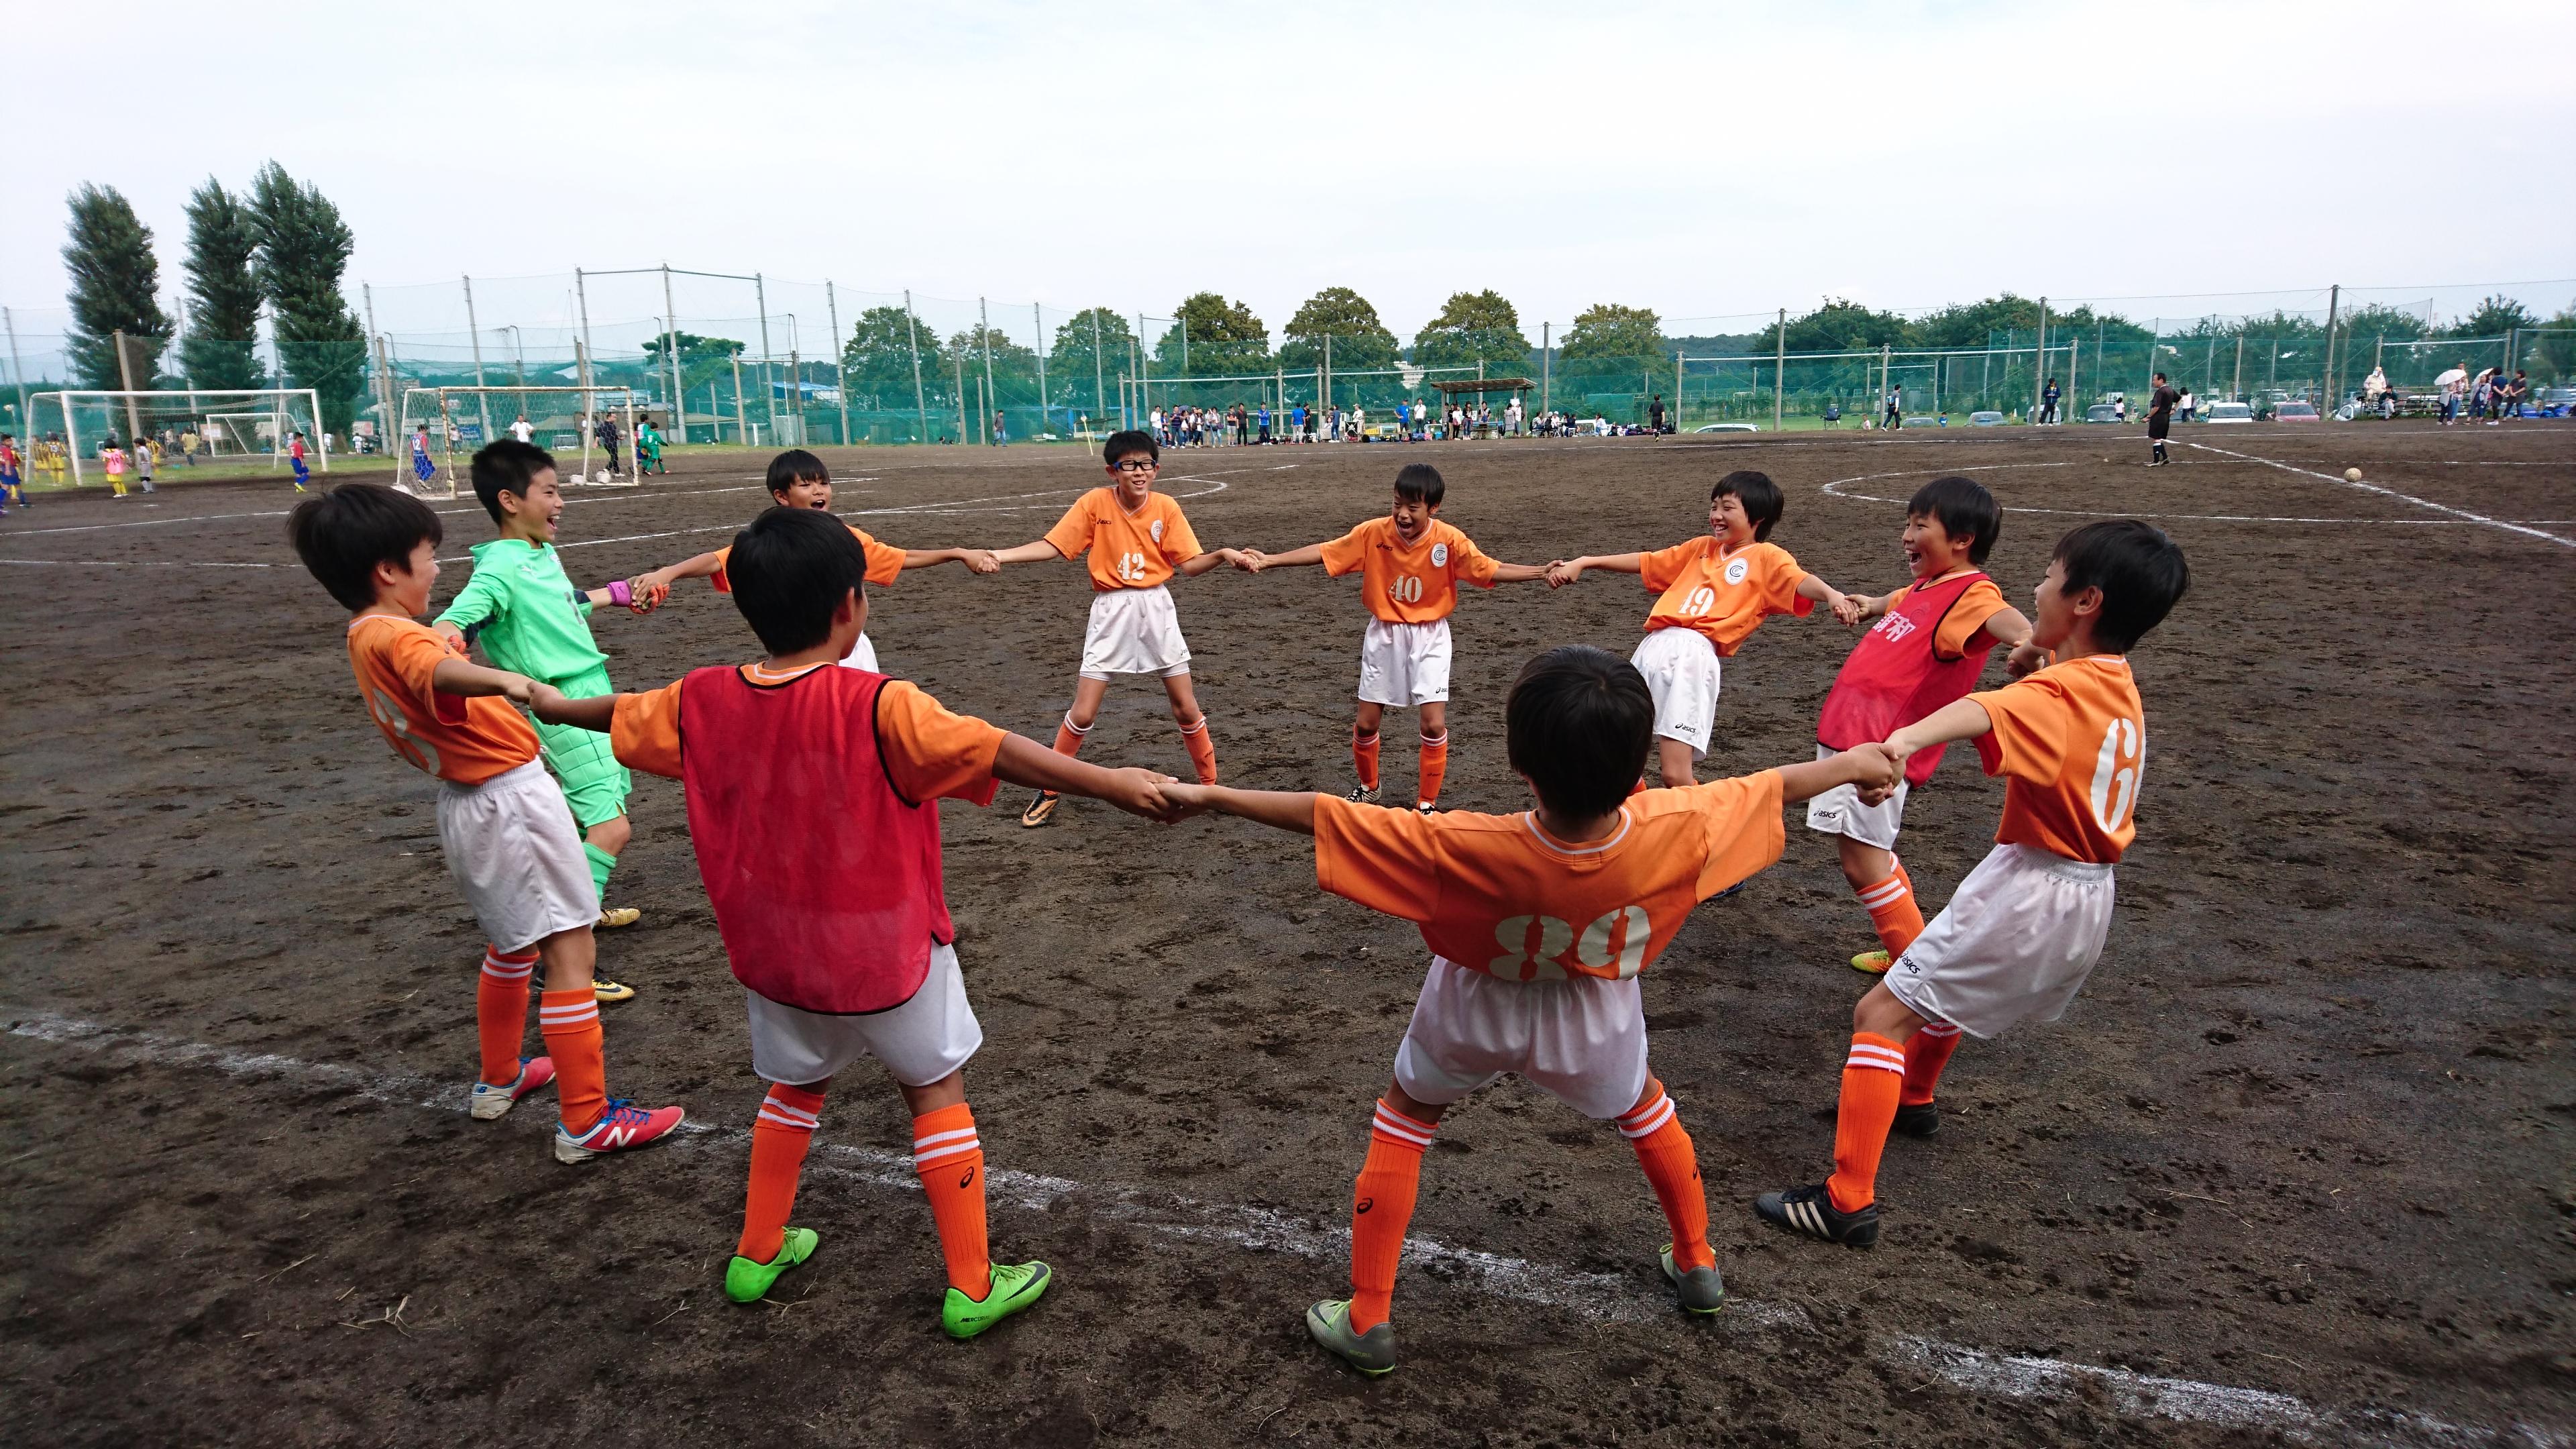 http://www.fc-chouwa.net/blog/images/DSC_0238%20%28002%29.JPG